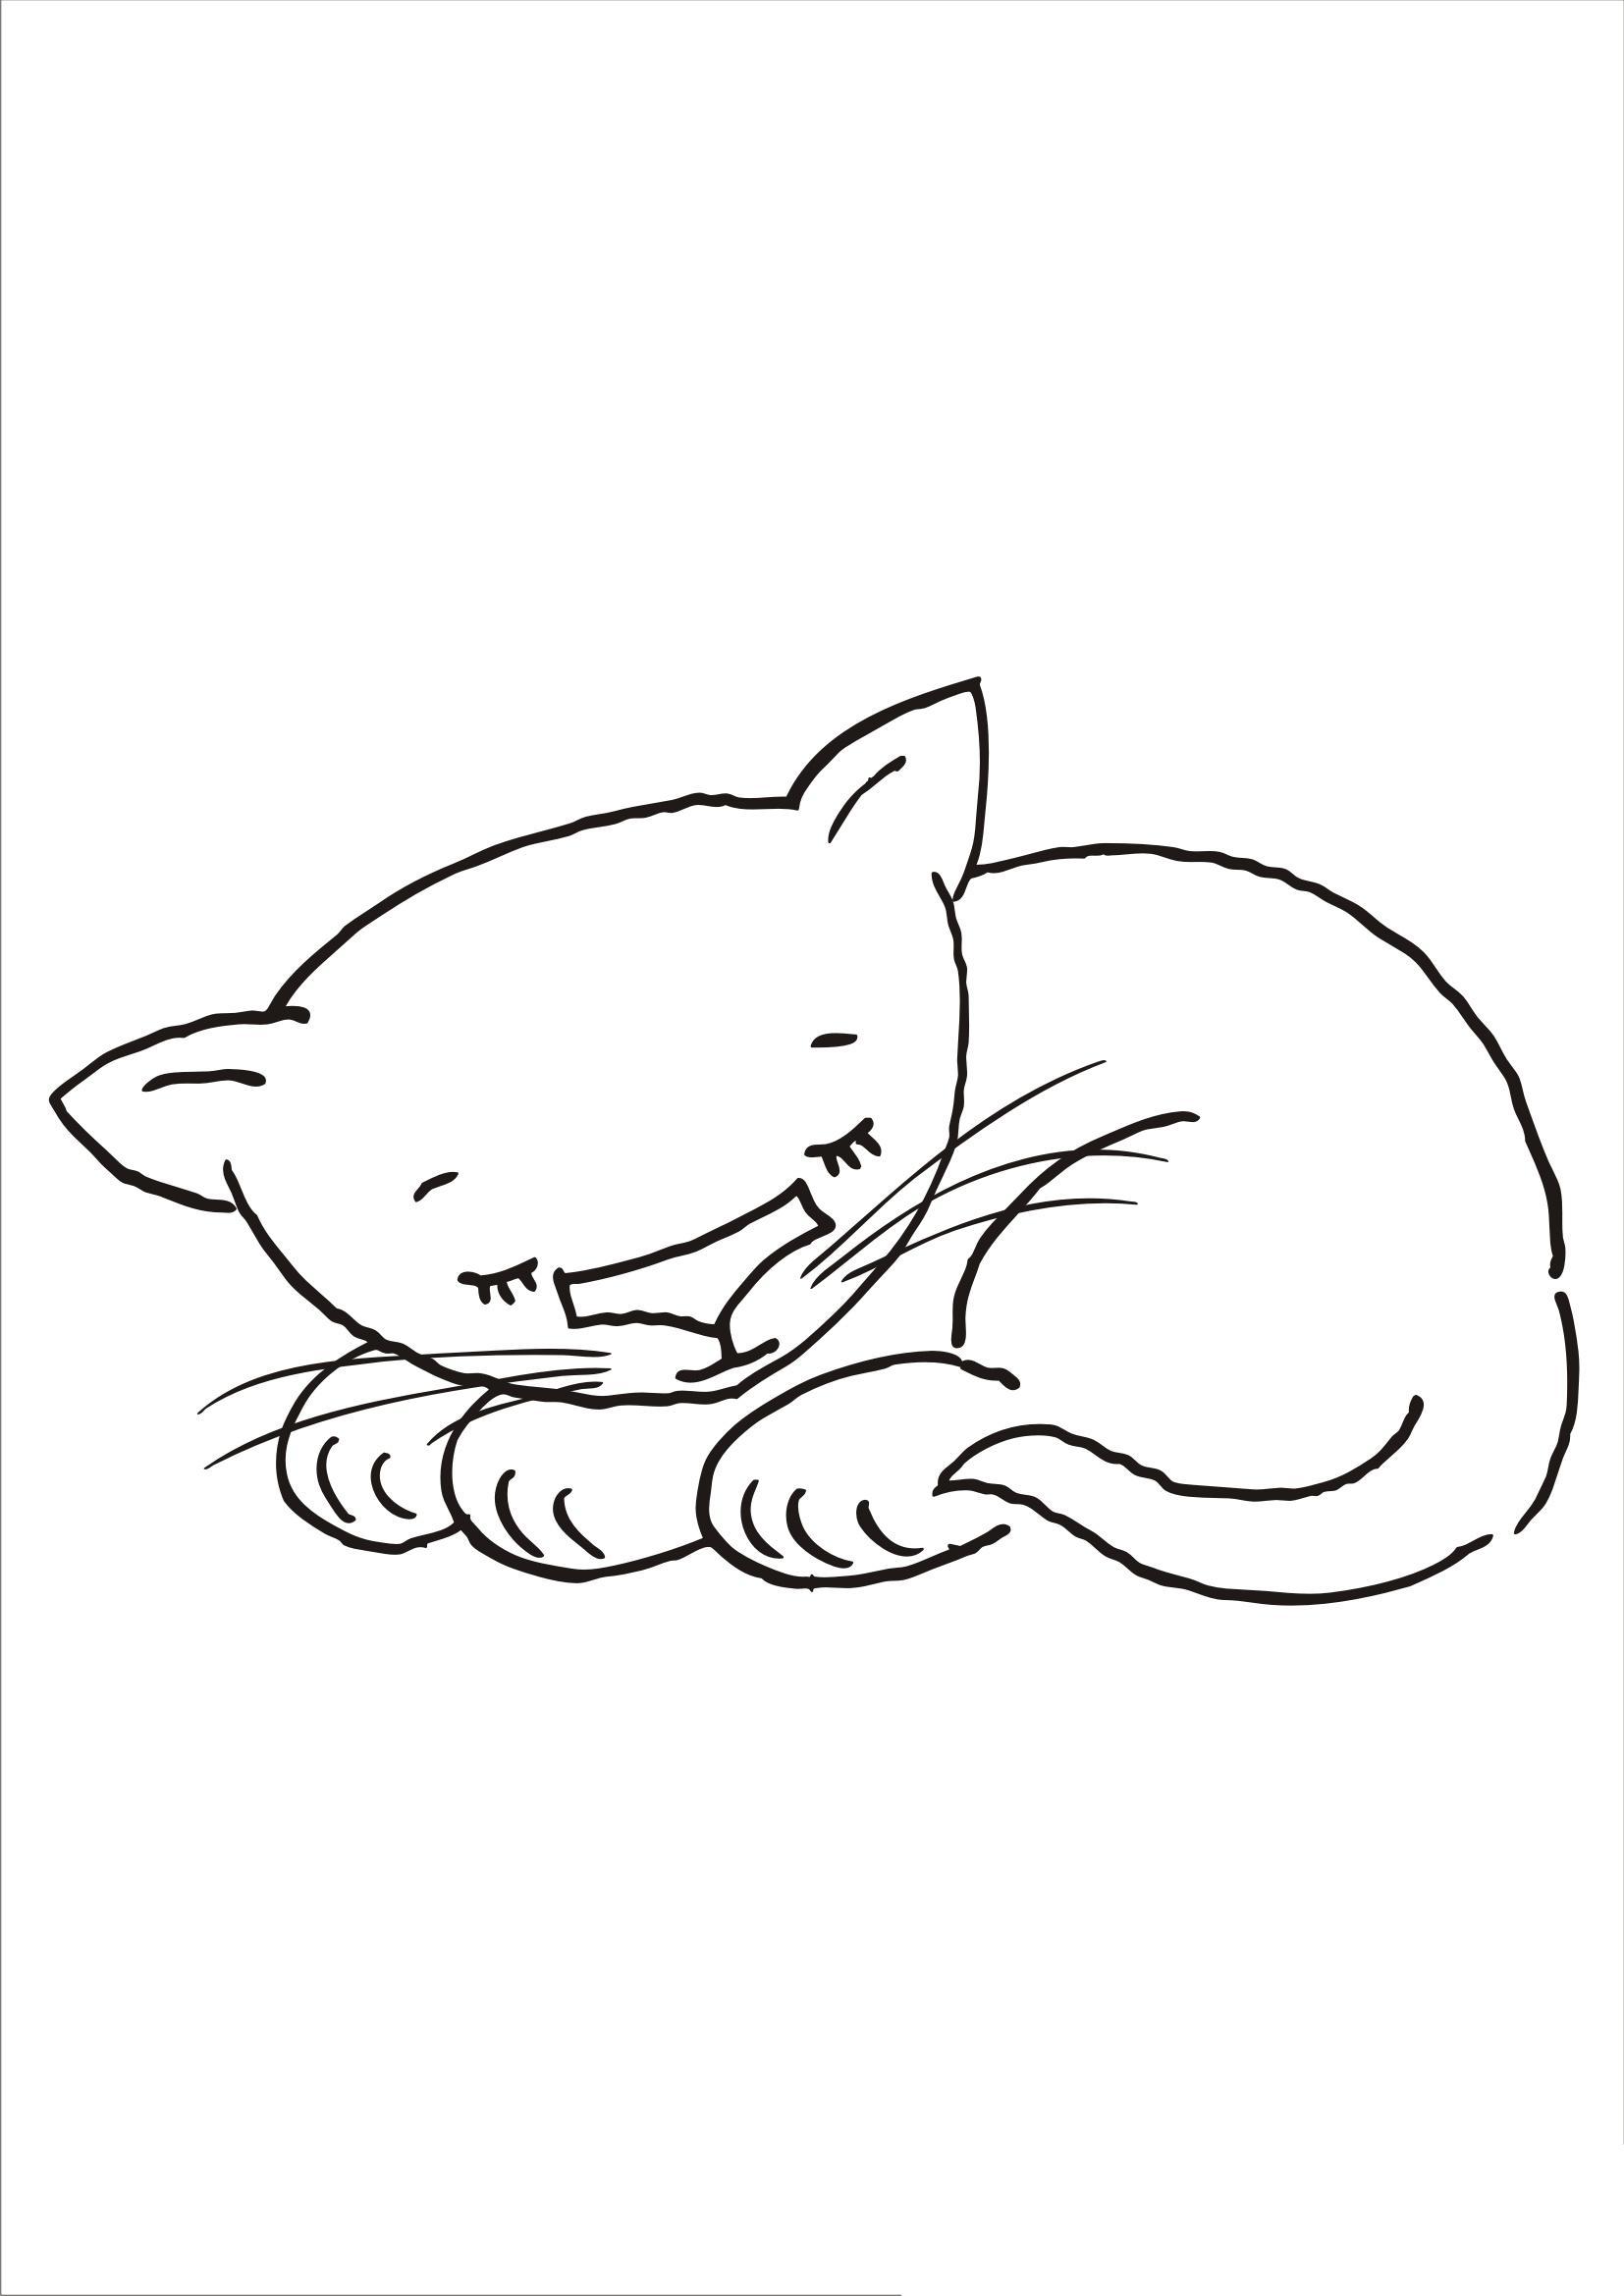 Раскраски кошки скачать